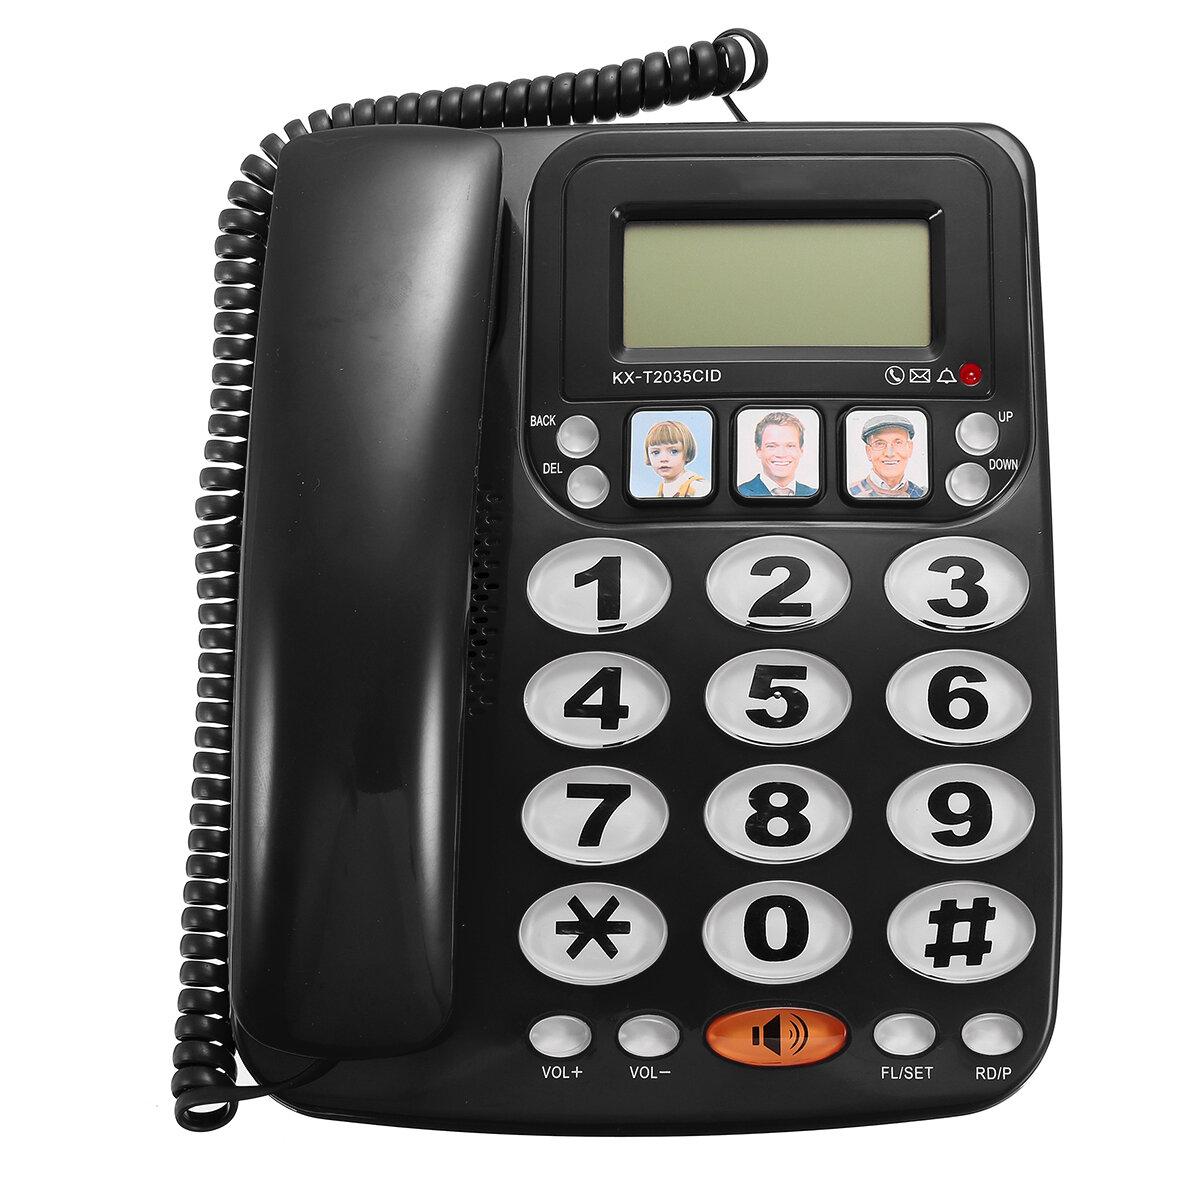 KX-2035CID Teléfono con dos líneas y teléfono con altavoz Marcado rápido Teléfono con cable Llamada entrante Pantalla con identificador de llamadas para la oficina en el hogar